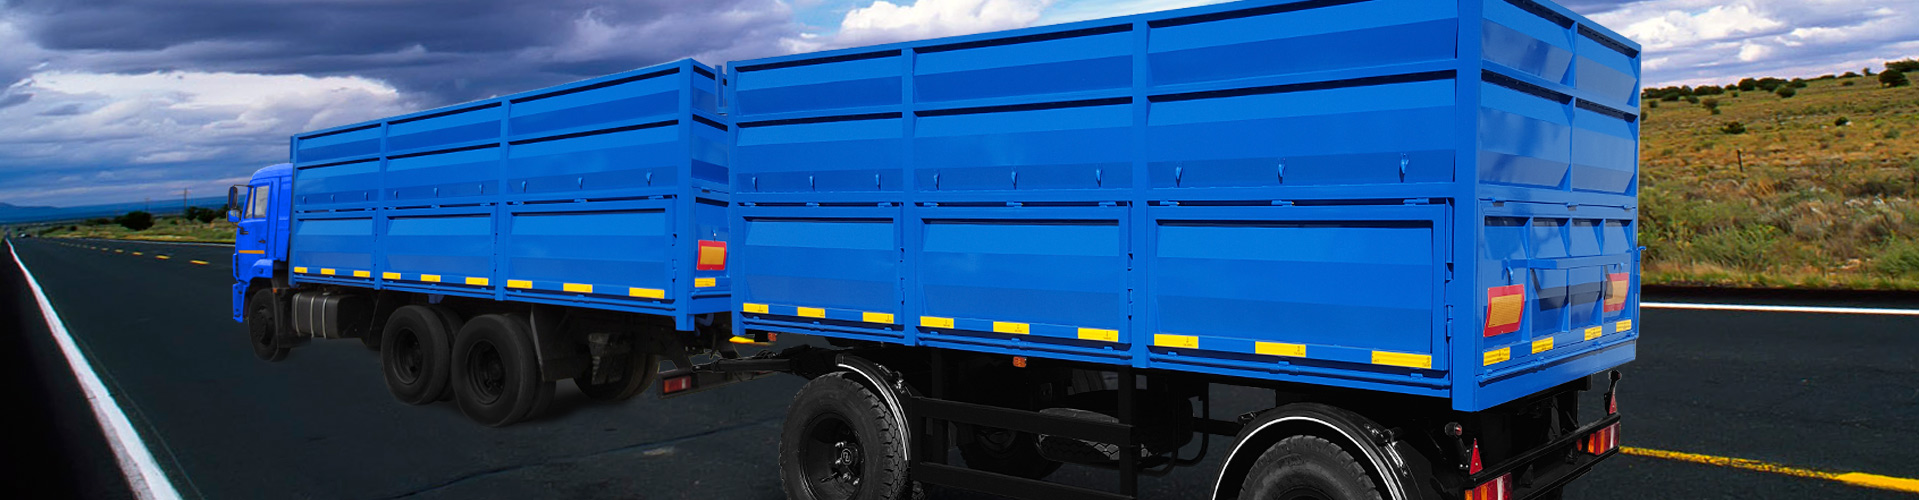 Основные виды прицепов для перевозки грузов